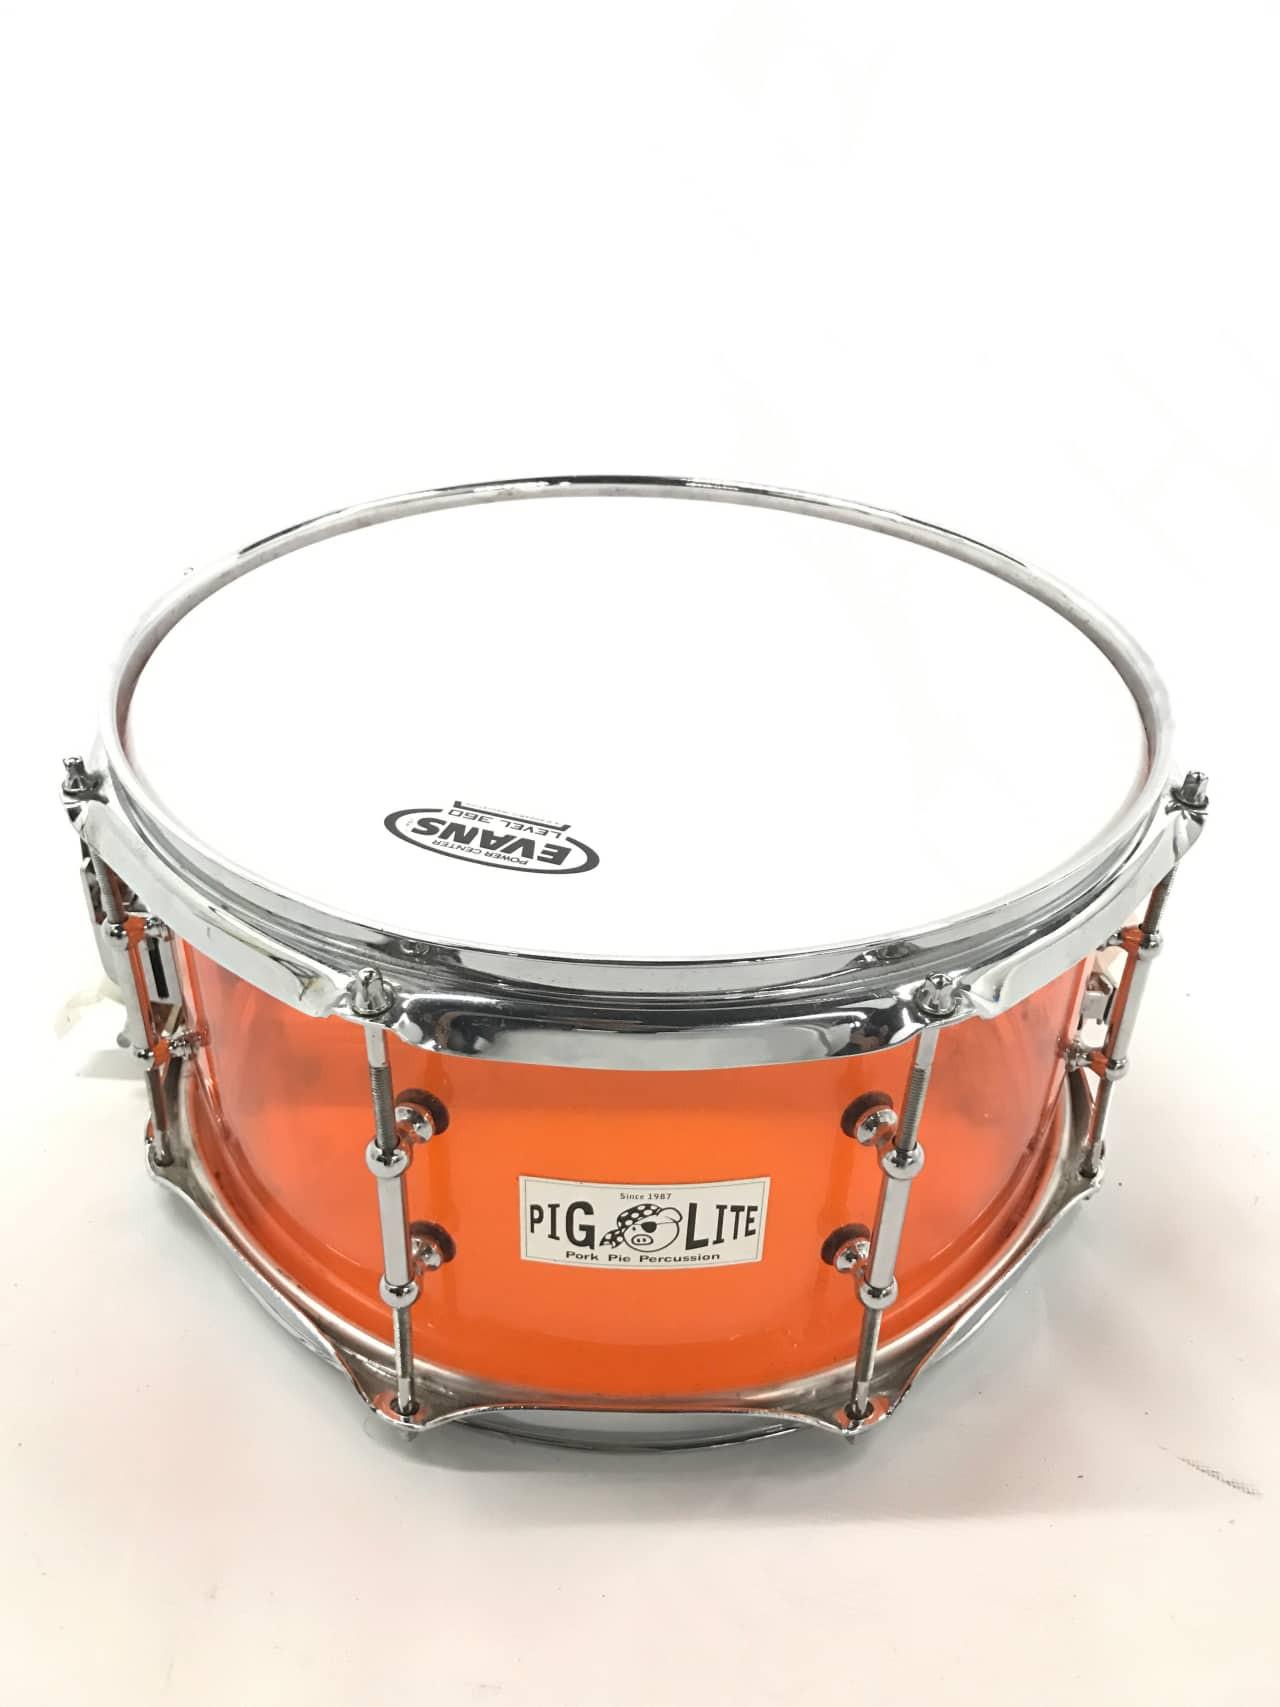 """Pork Pie Snare  Pork Pie Piglite Amber Acrylic Snare Drum 7""""x13"""""""